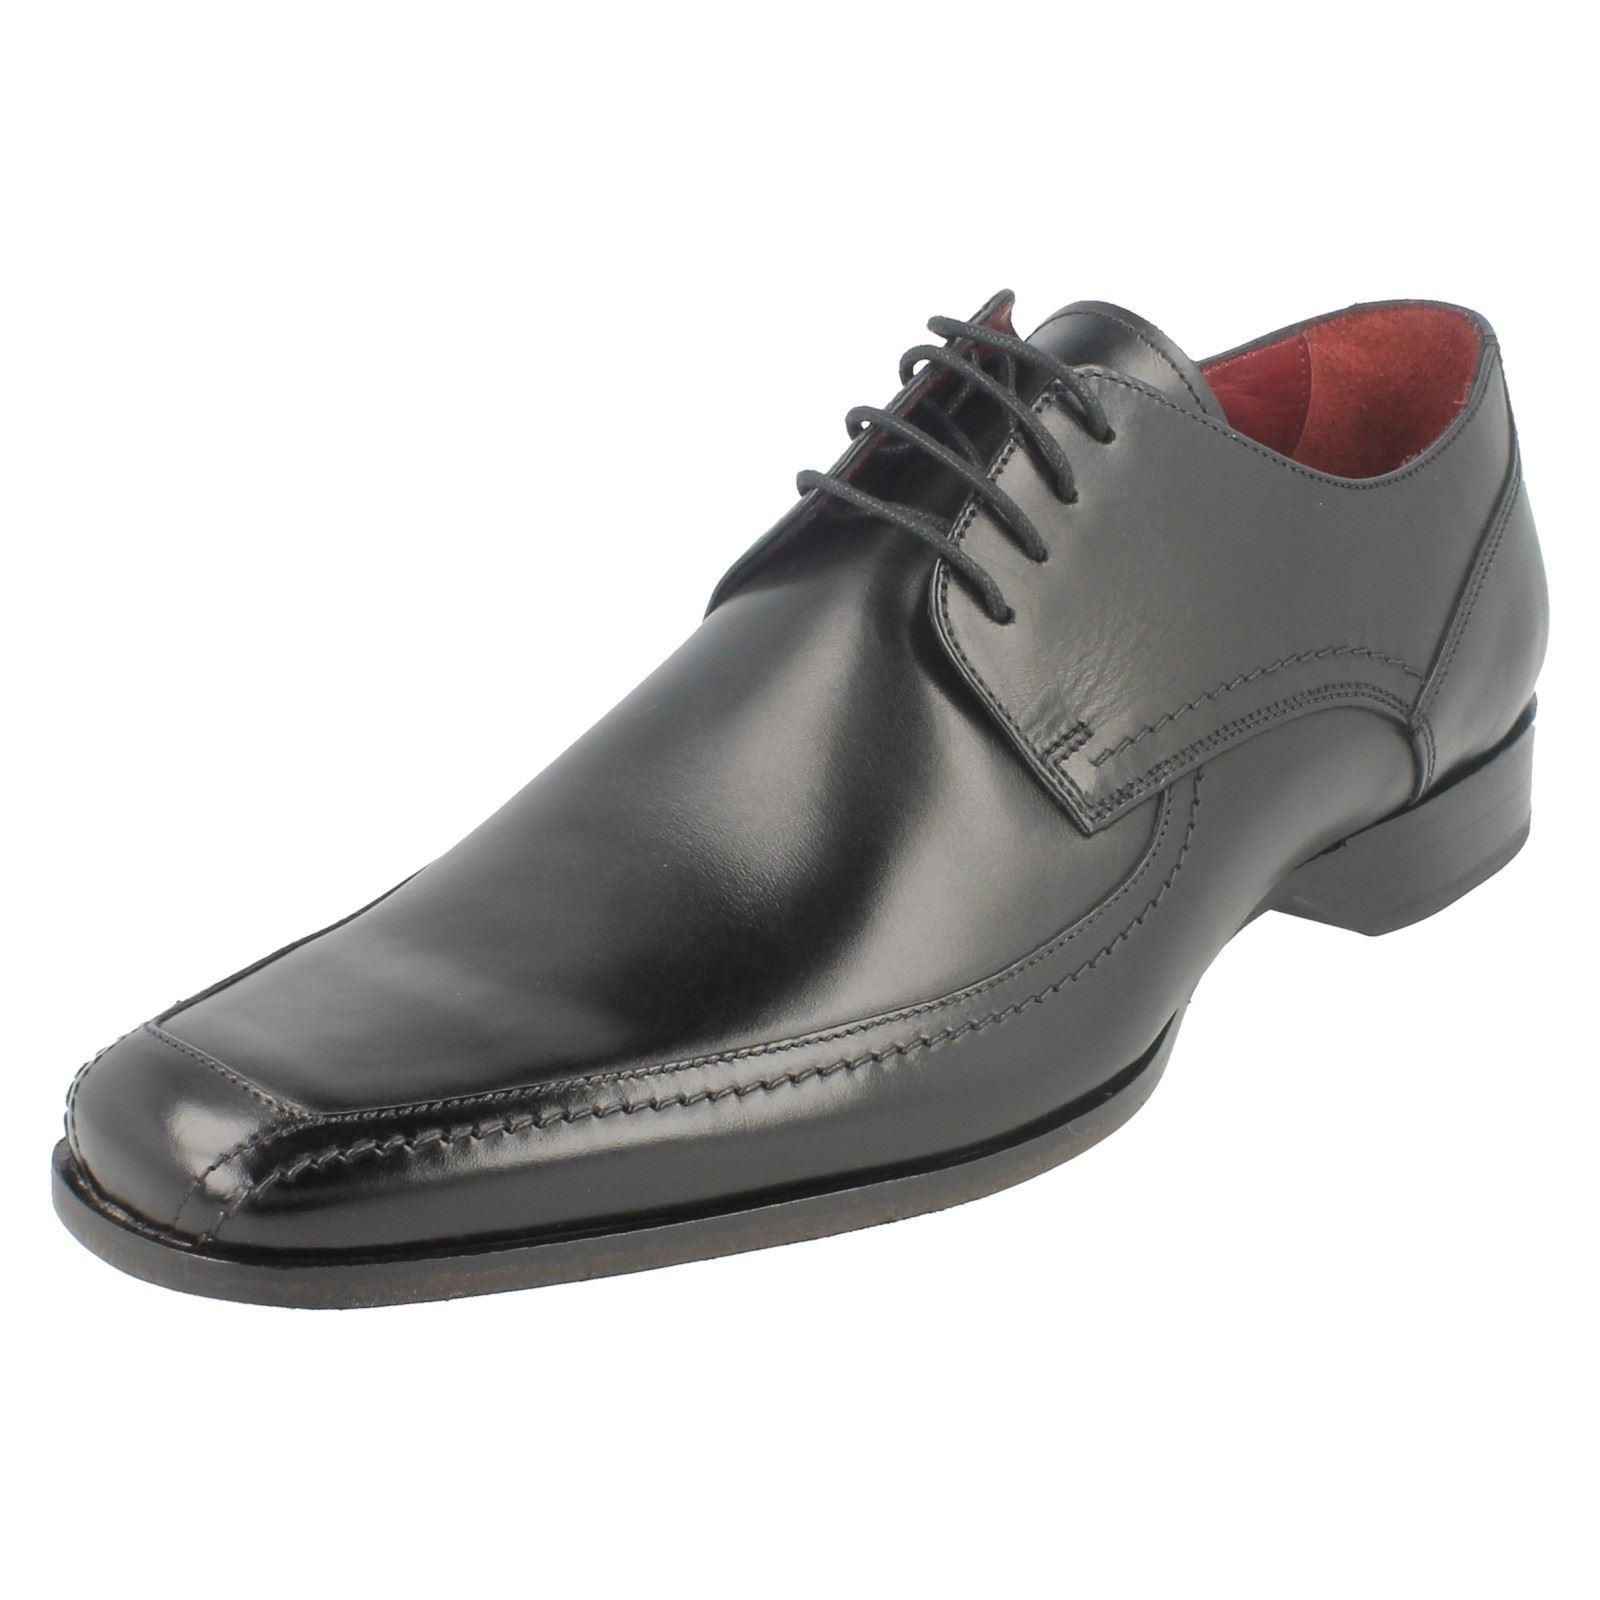 Zapatos para hombre Formal Loake Diseñador de Cuero 1369B